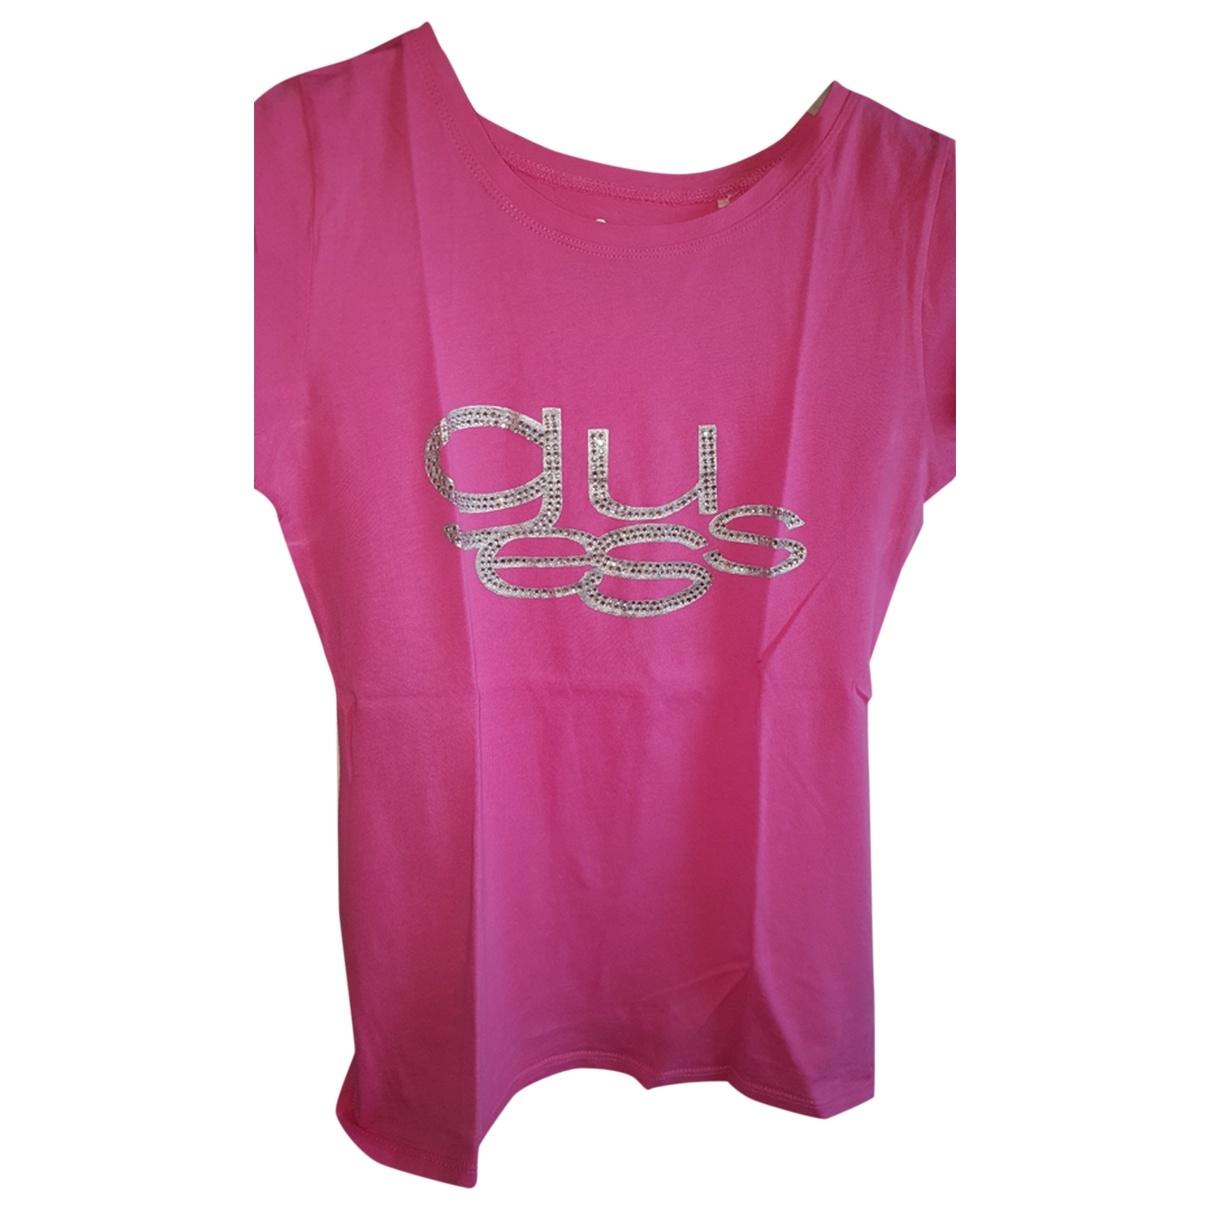 Guess - Top   pour femme en coton - rose